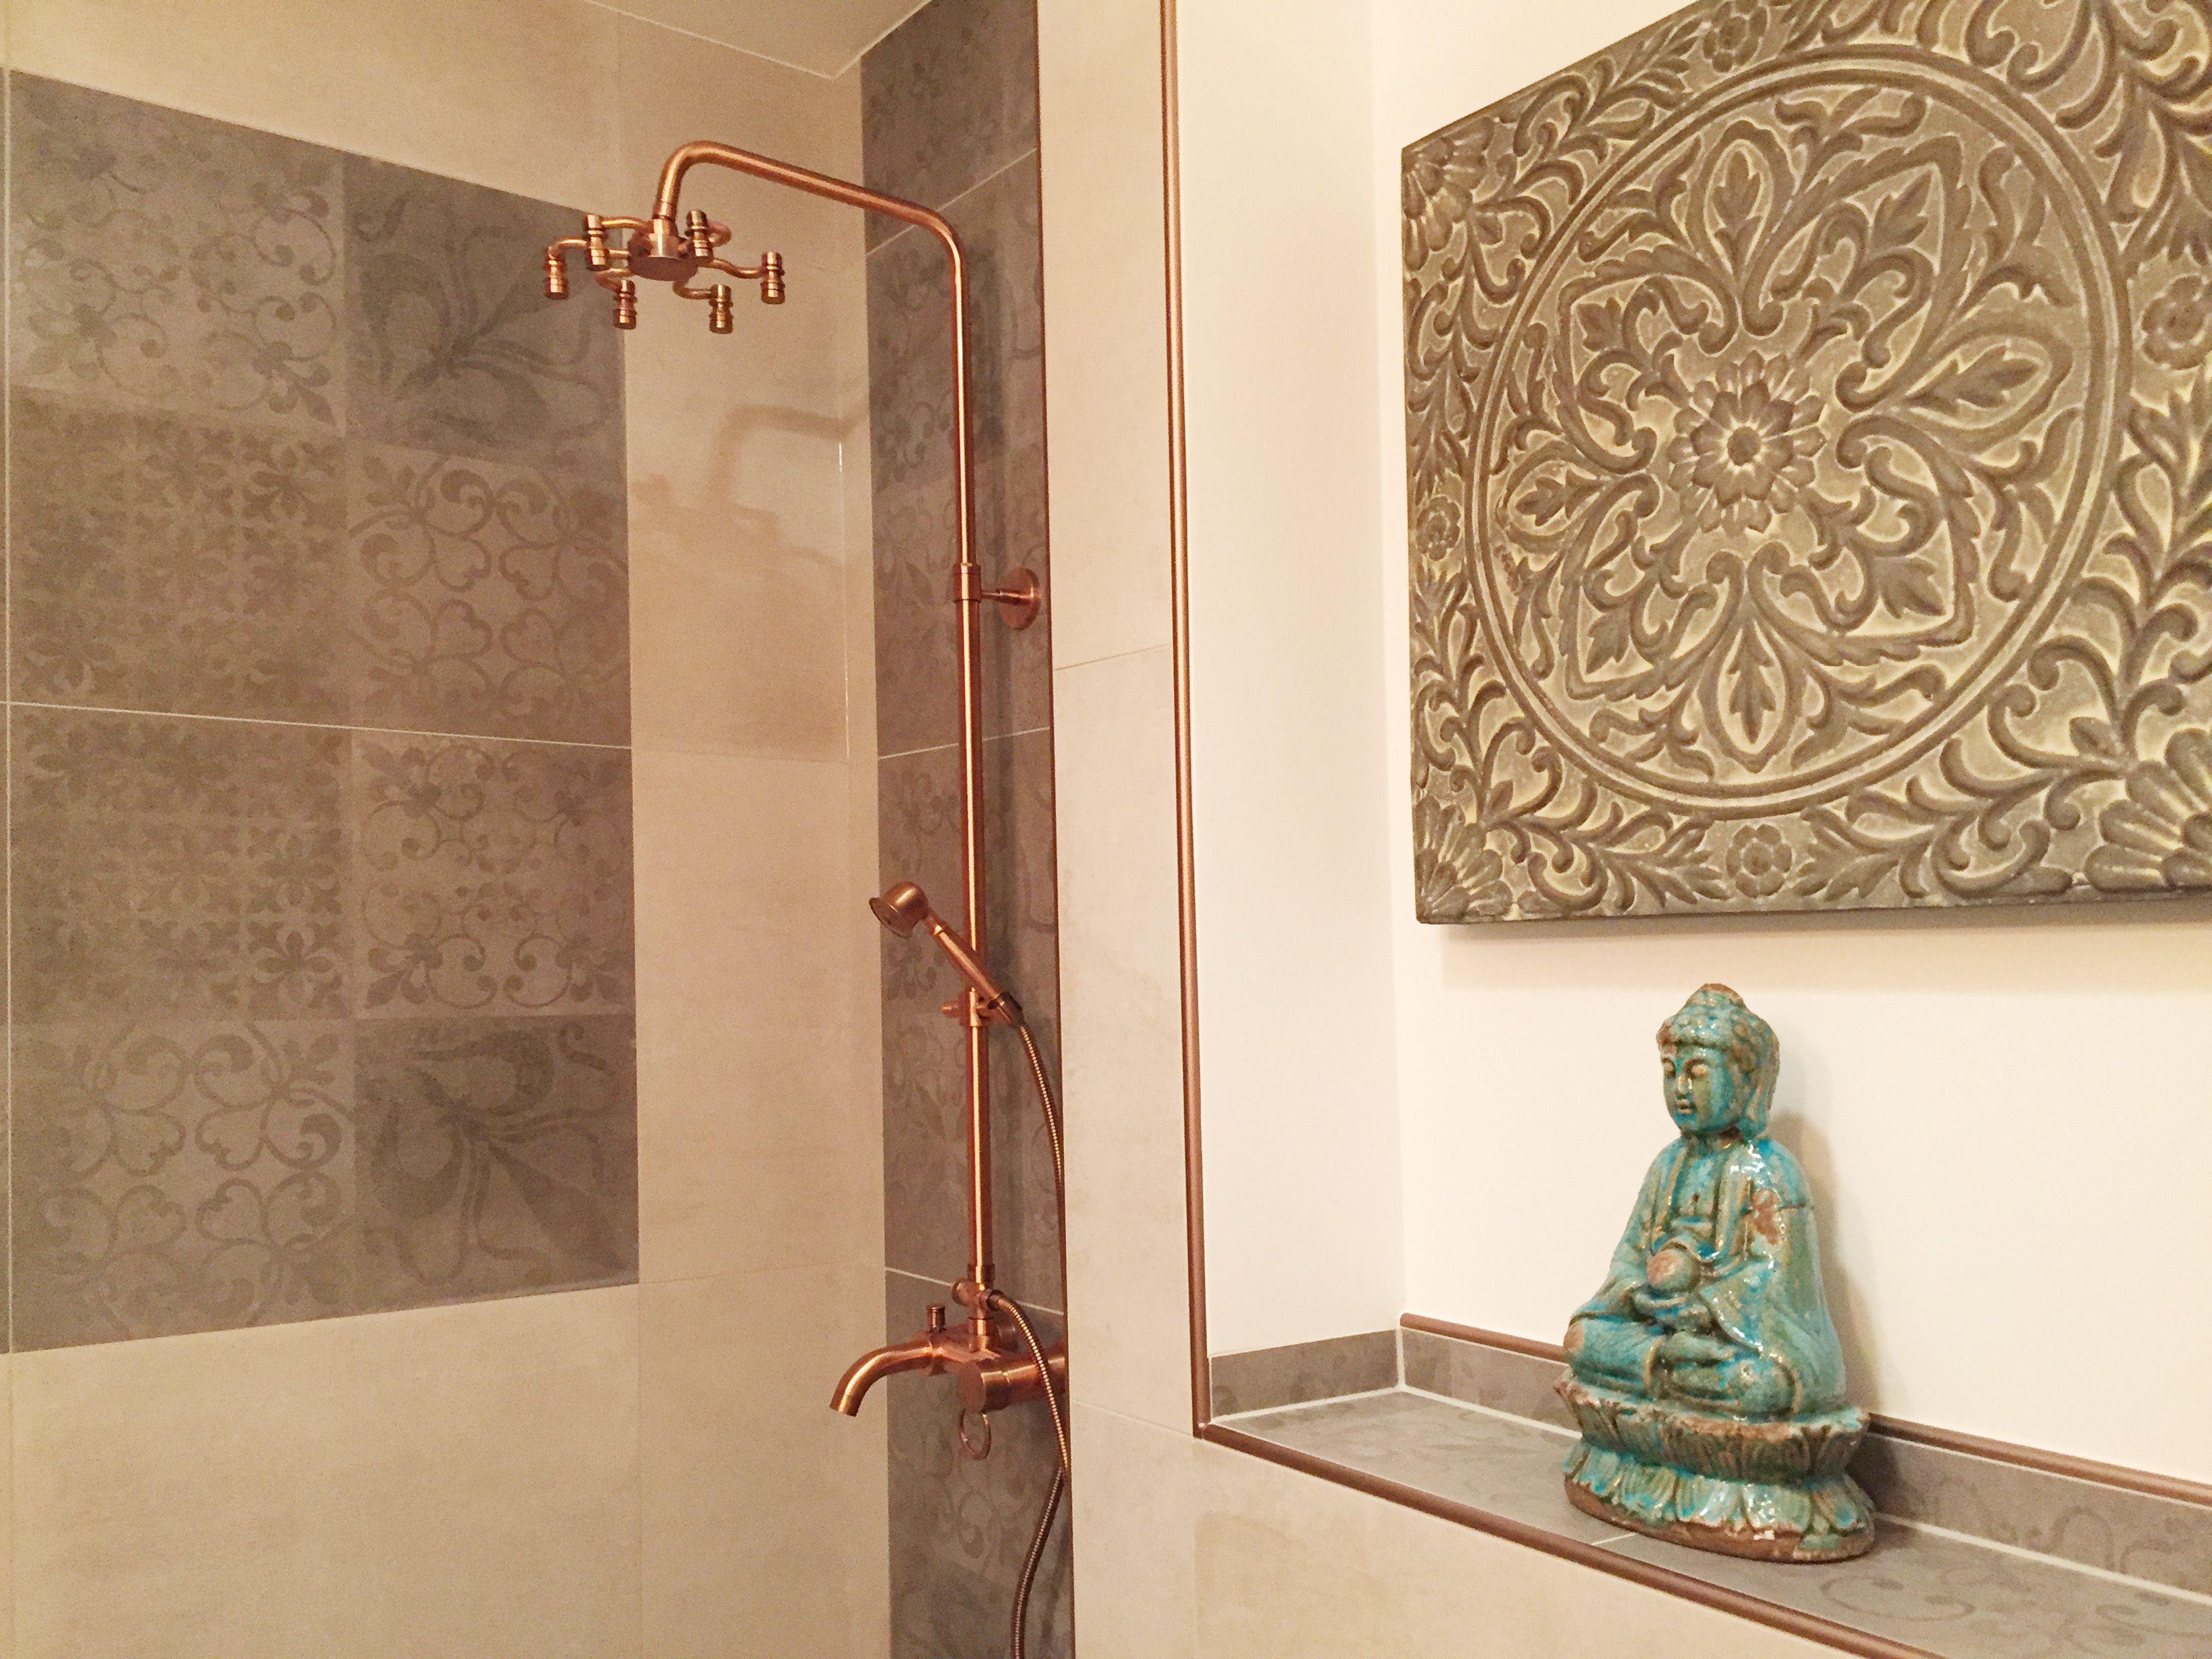 Stauraum Badezimmer ~ Mein neues badezimmer auf knapp qm stauraum dusche toilette